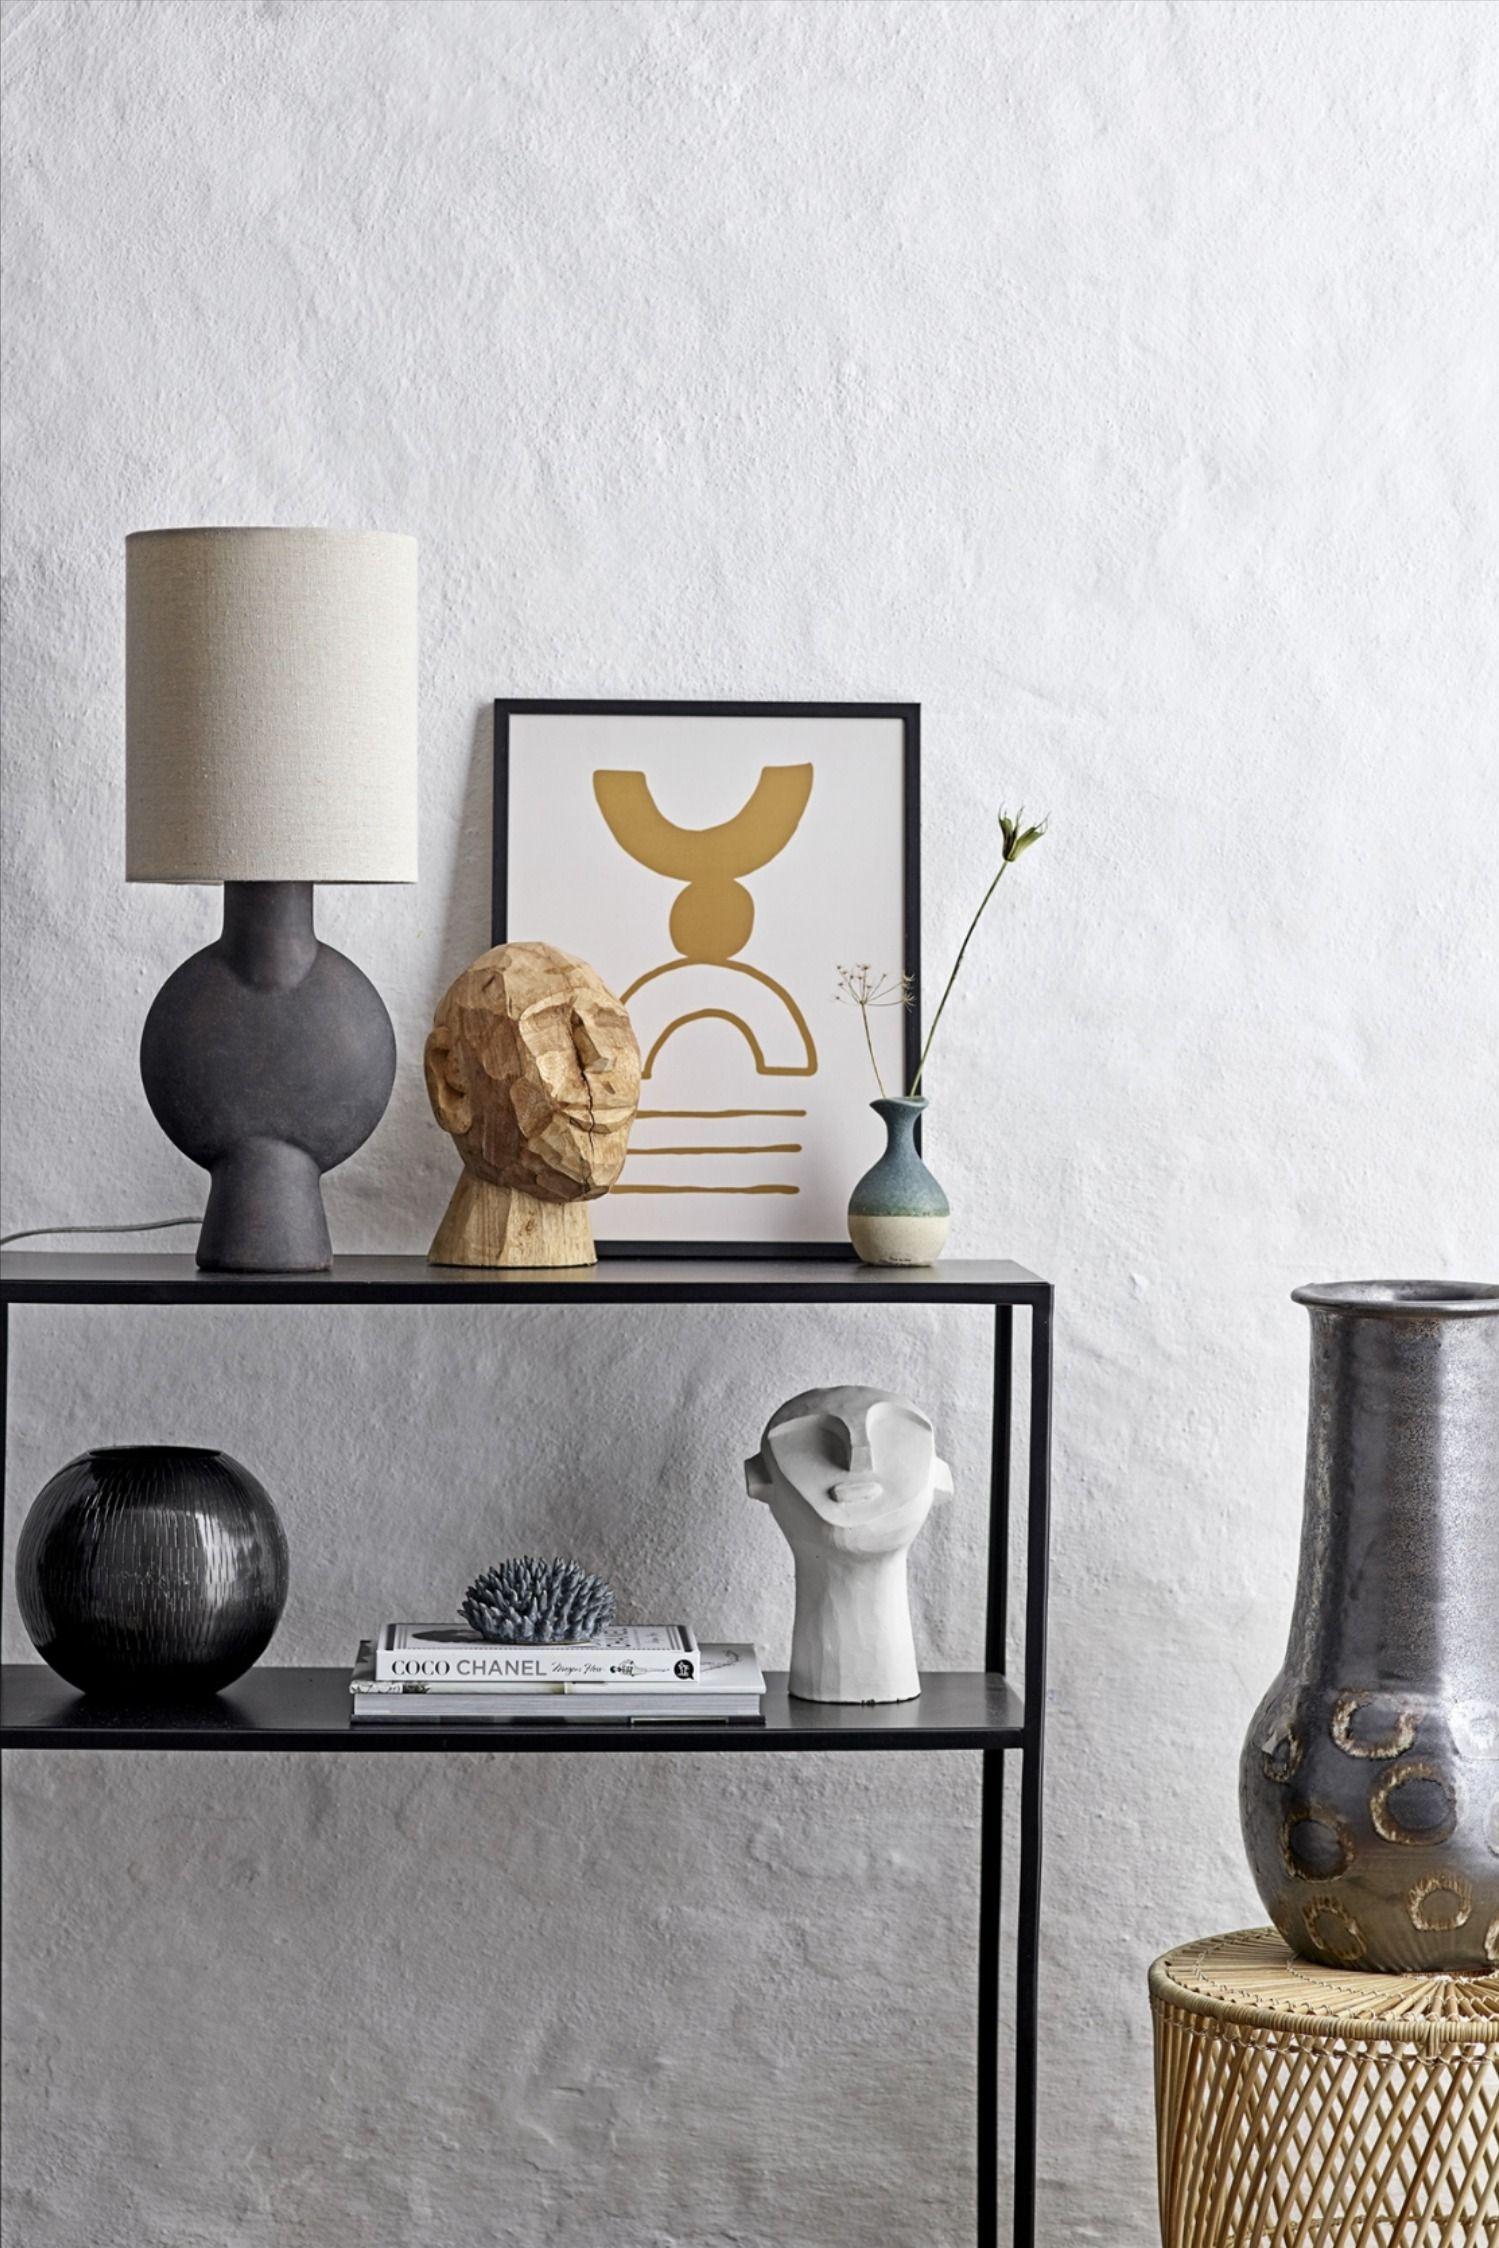 Kopf Skulptur Abstrakt Von Bloomingville Connox In 2020 Dekor Schwarze Tischlampen Haus Deko